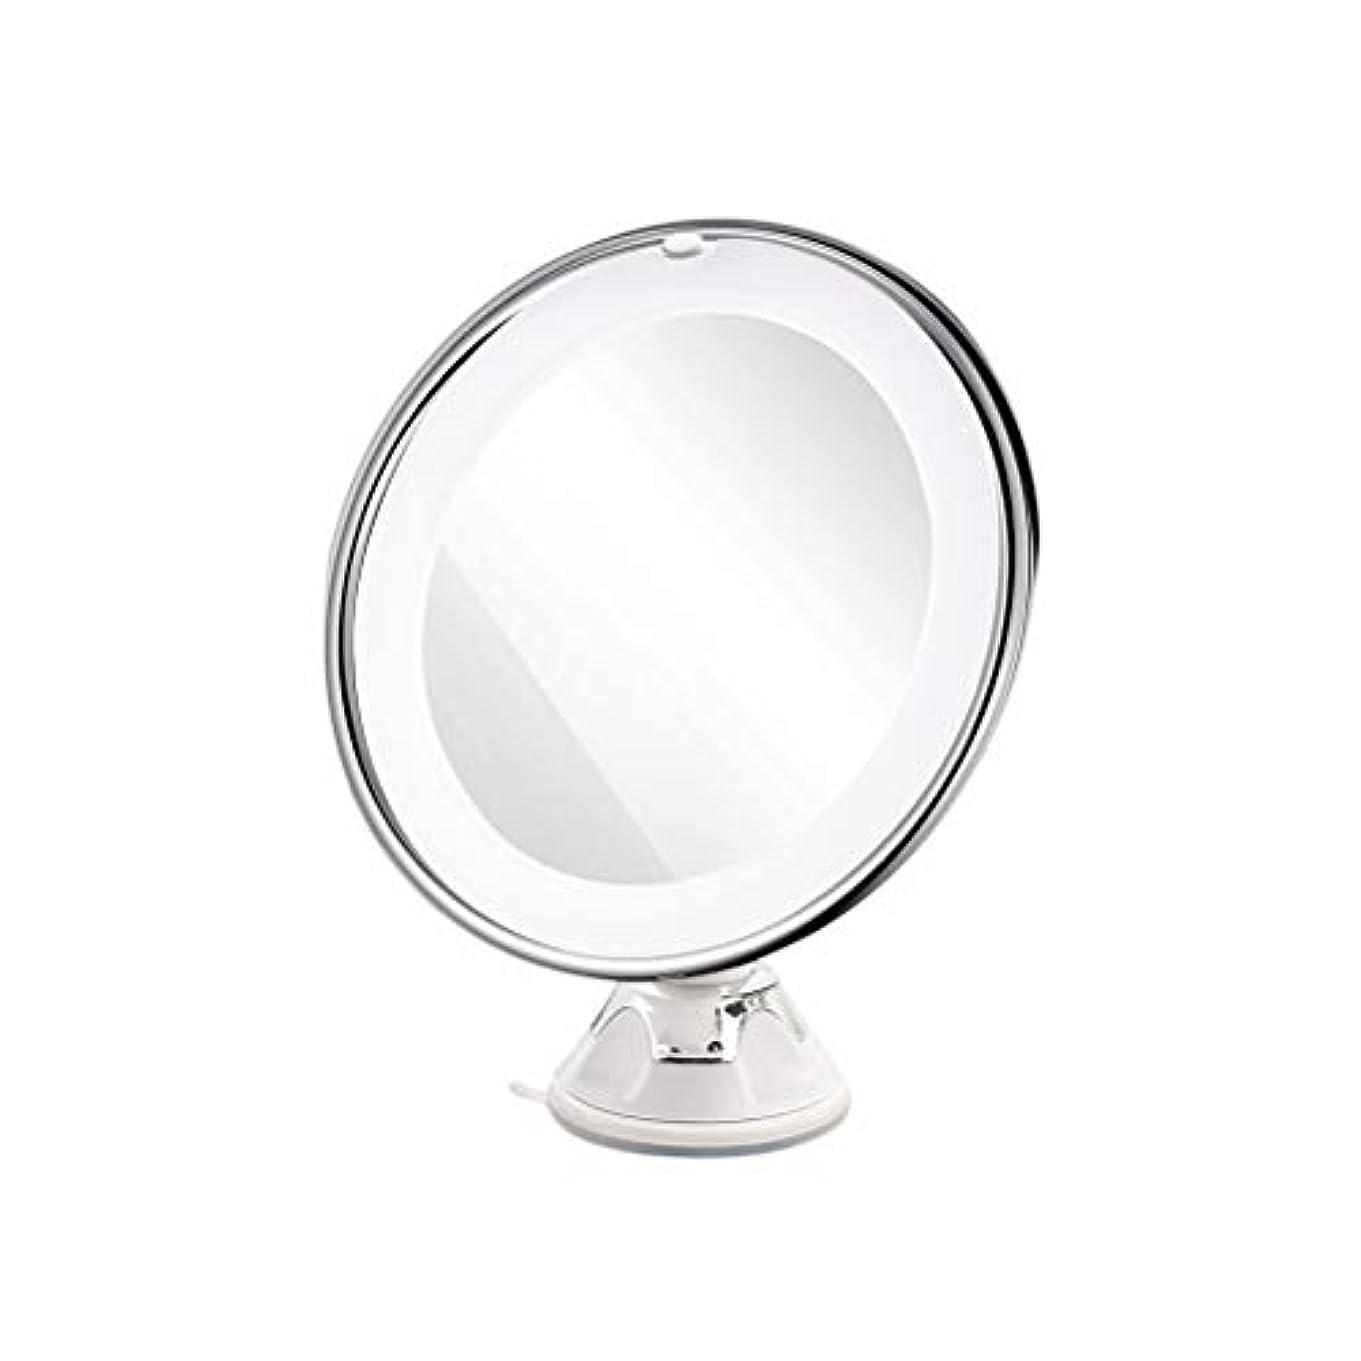 伝染病してはいけない平和的化粧鏡 ファッション実用的な拡大鏡ミラーラウンドメイクアップ化粧鏡卓上ミラー吸盤付き男性女性